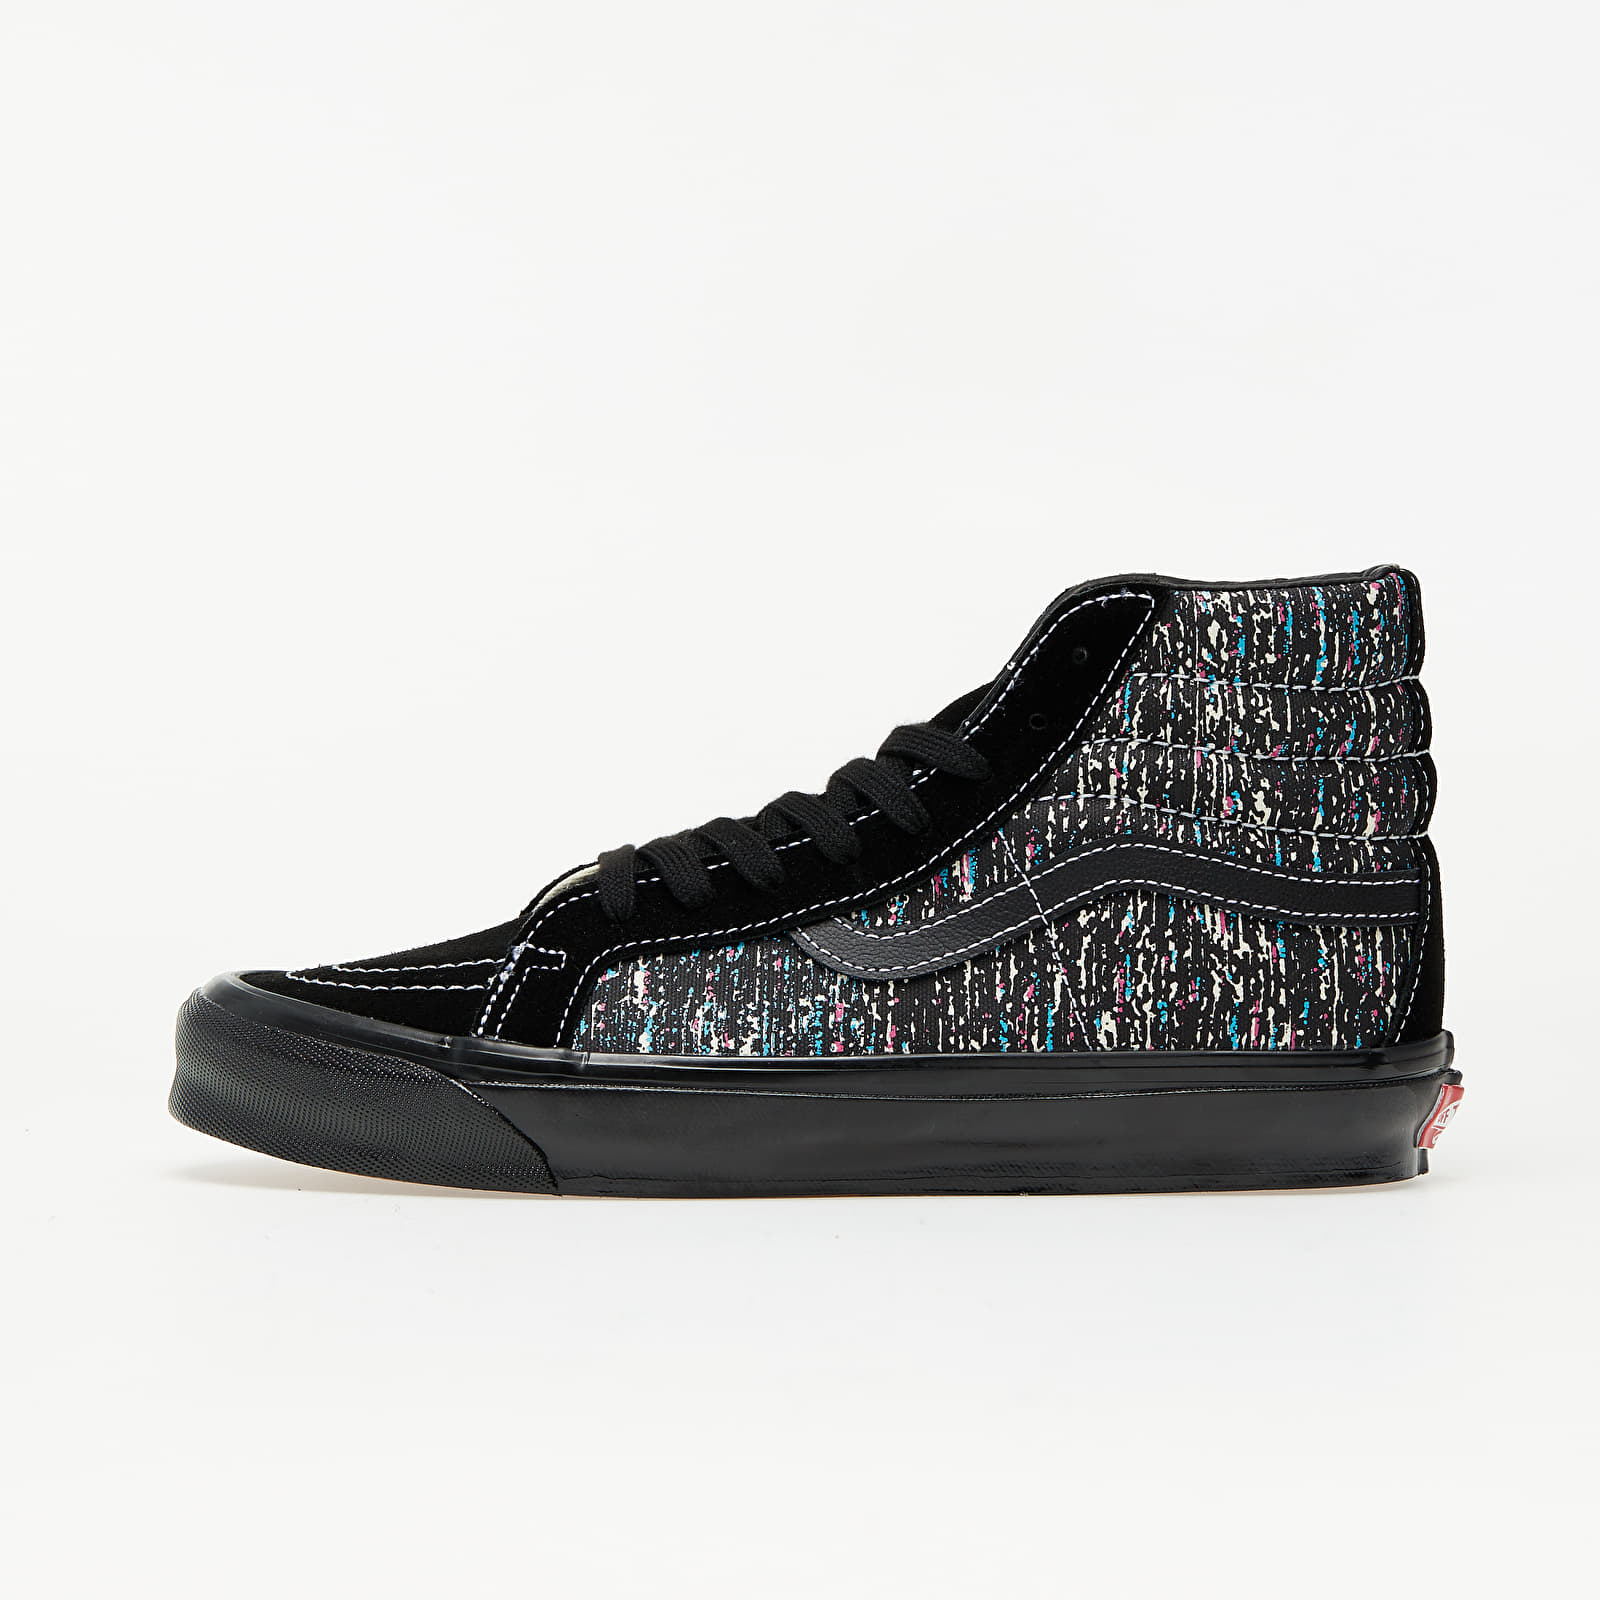 Vans Vault OG Sk8-Hi LX (OG Static Print) Black/ Black EUR 46